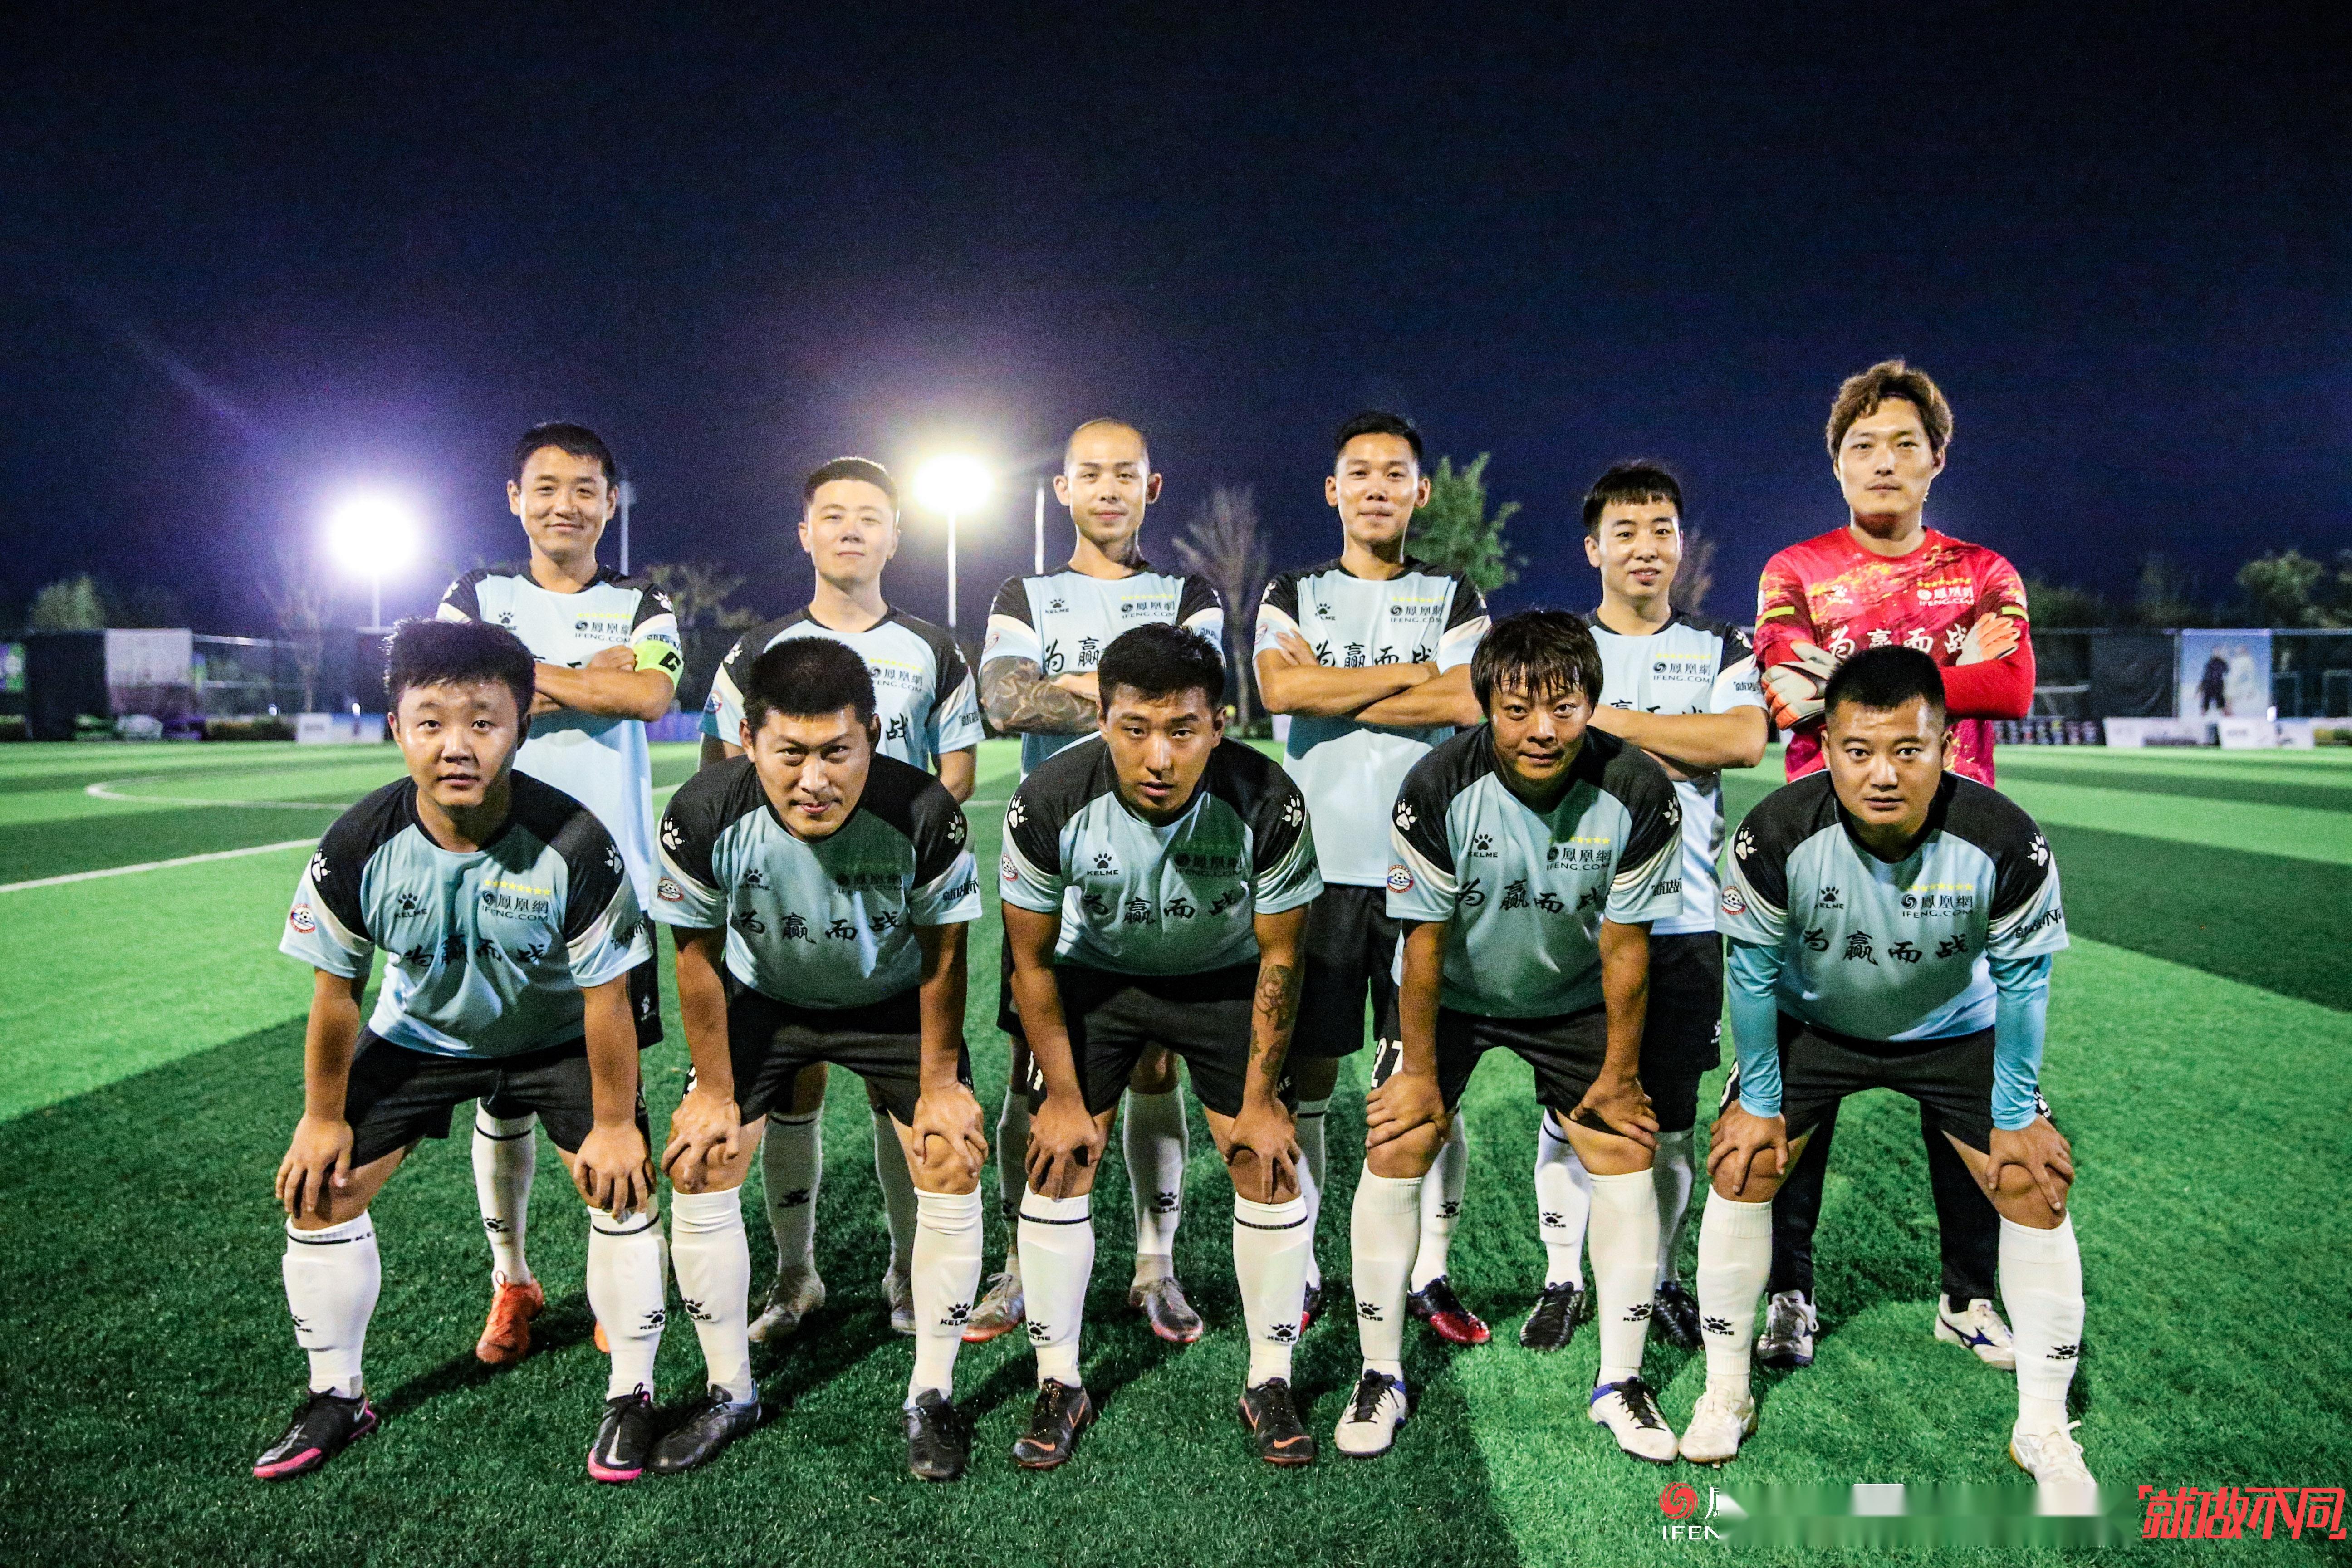 网络杯:凤凰网5-1击败京东集团获连胜 锁定晋级名额